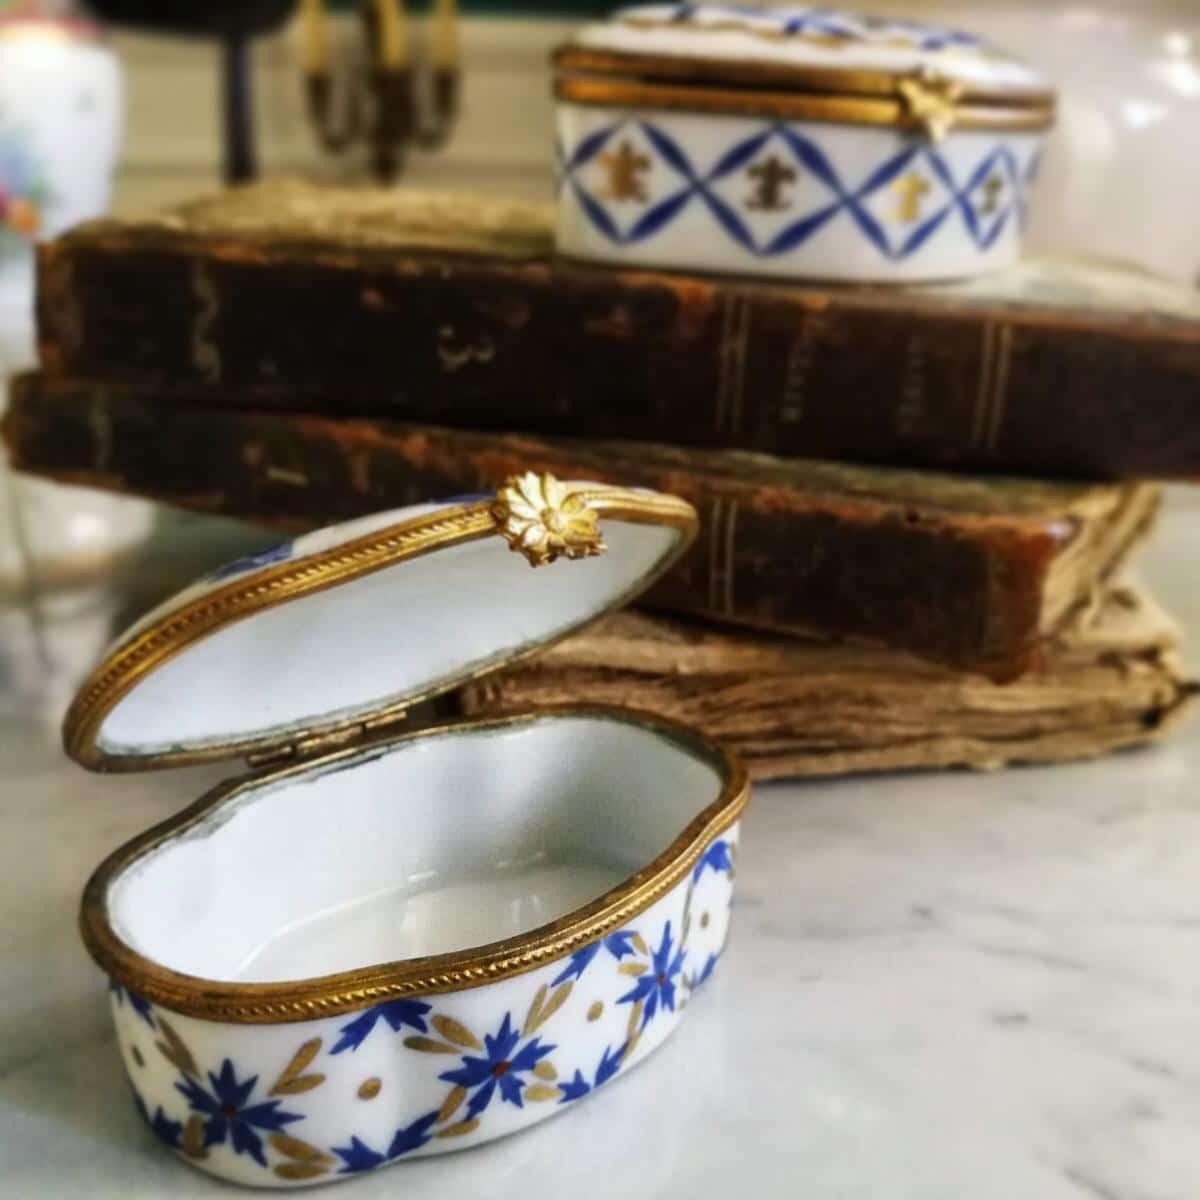 purissima porcellana francese Scatola Cerniera decori floreali bluette lucida con oro e fiori